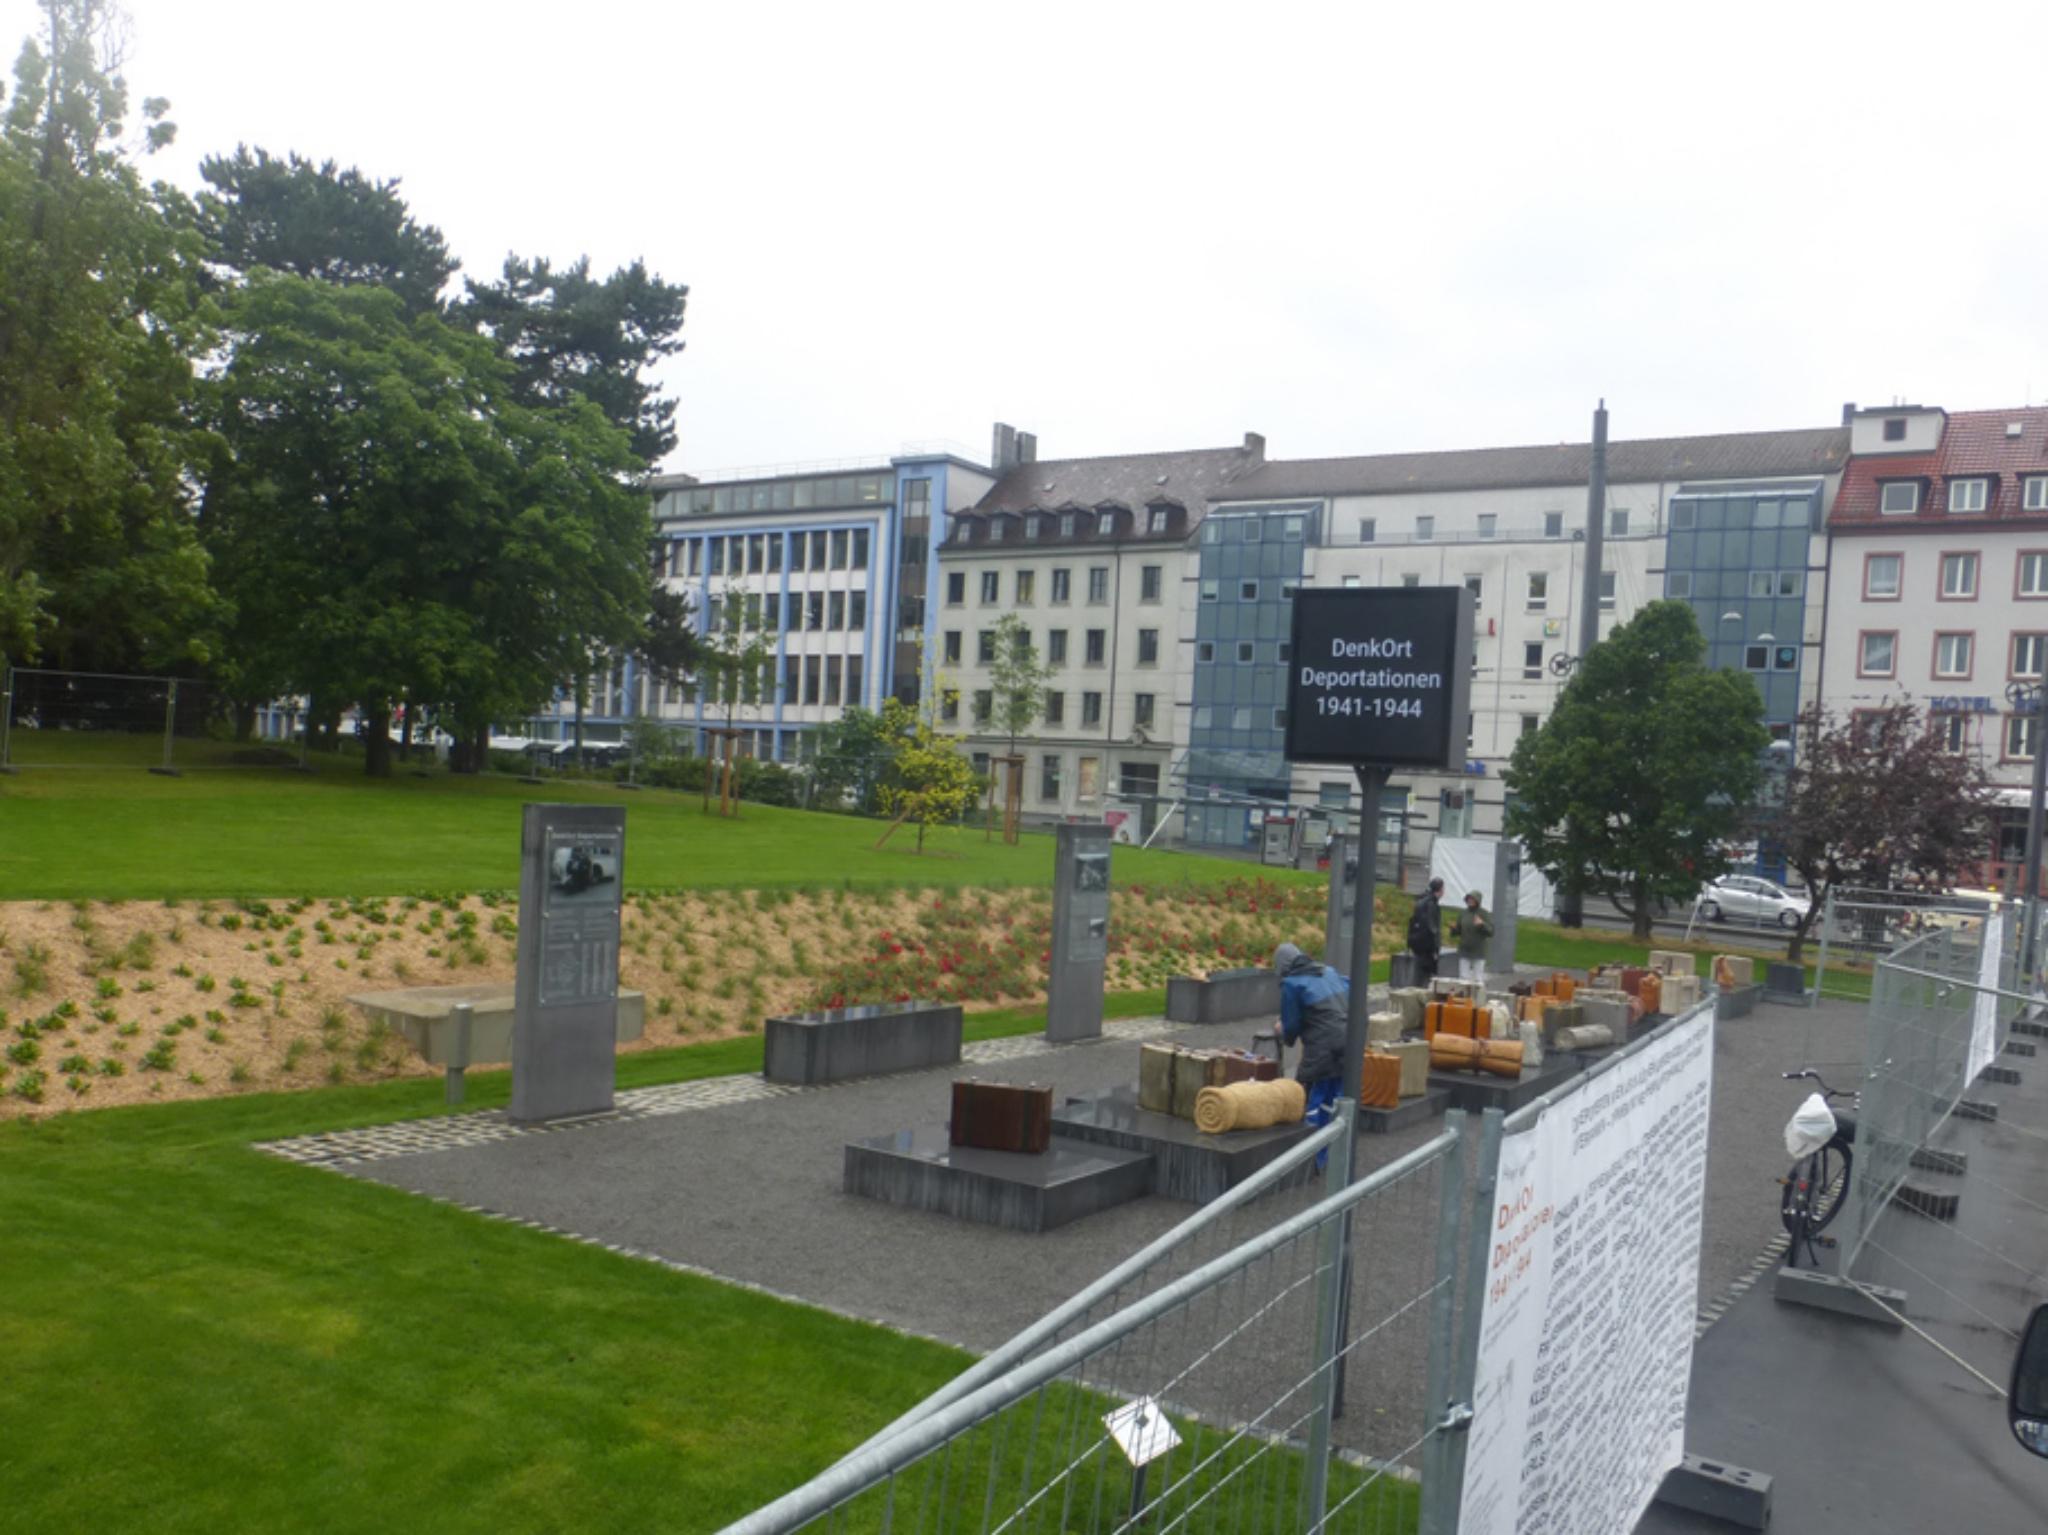 Am Bahnhofsplatz wurde ein Denkmal in Gedenken an die Deportationen im 2. Weltkrieg errichtet. Foto: Michael Stolz